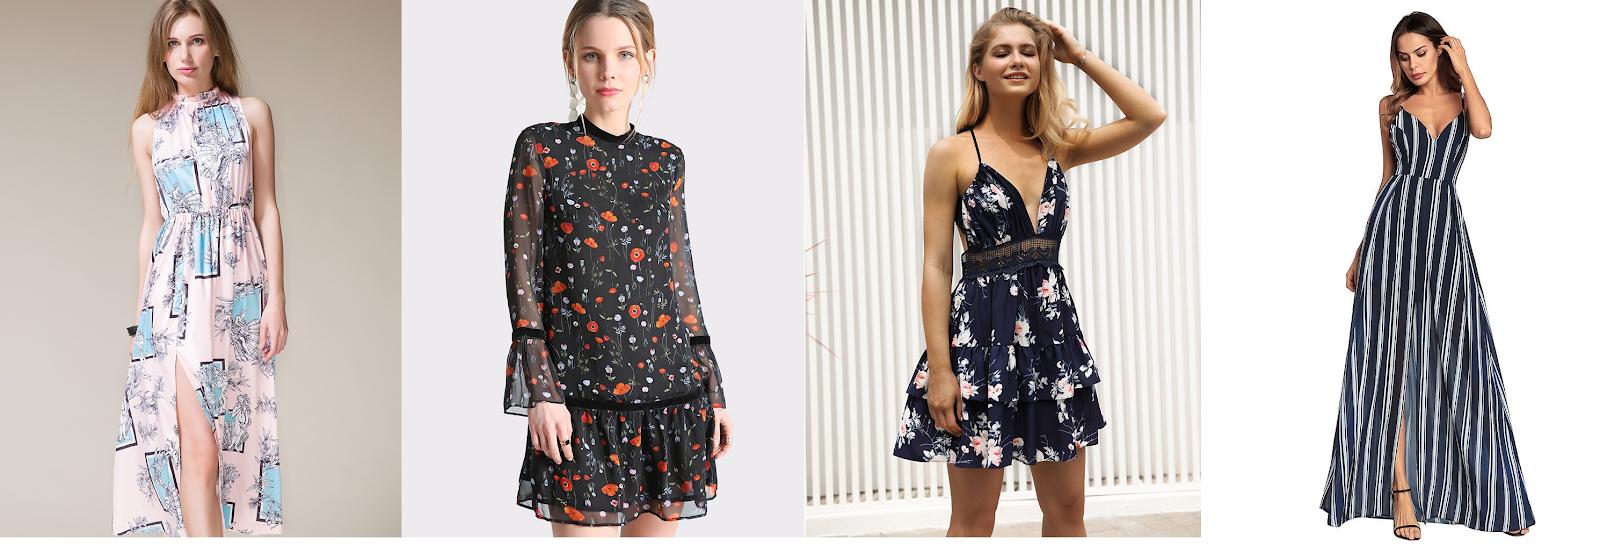 https://www.talever.com/talever-print-high-split-cold-shoulder-casual-dress.html